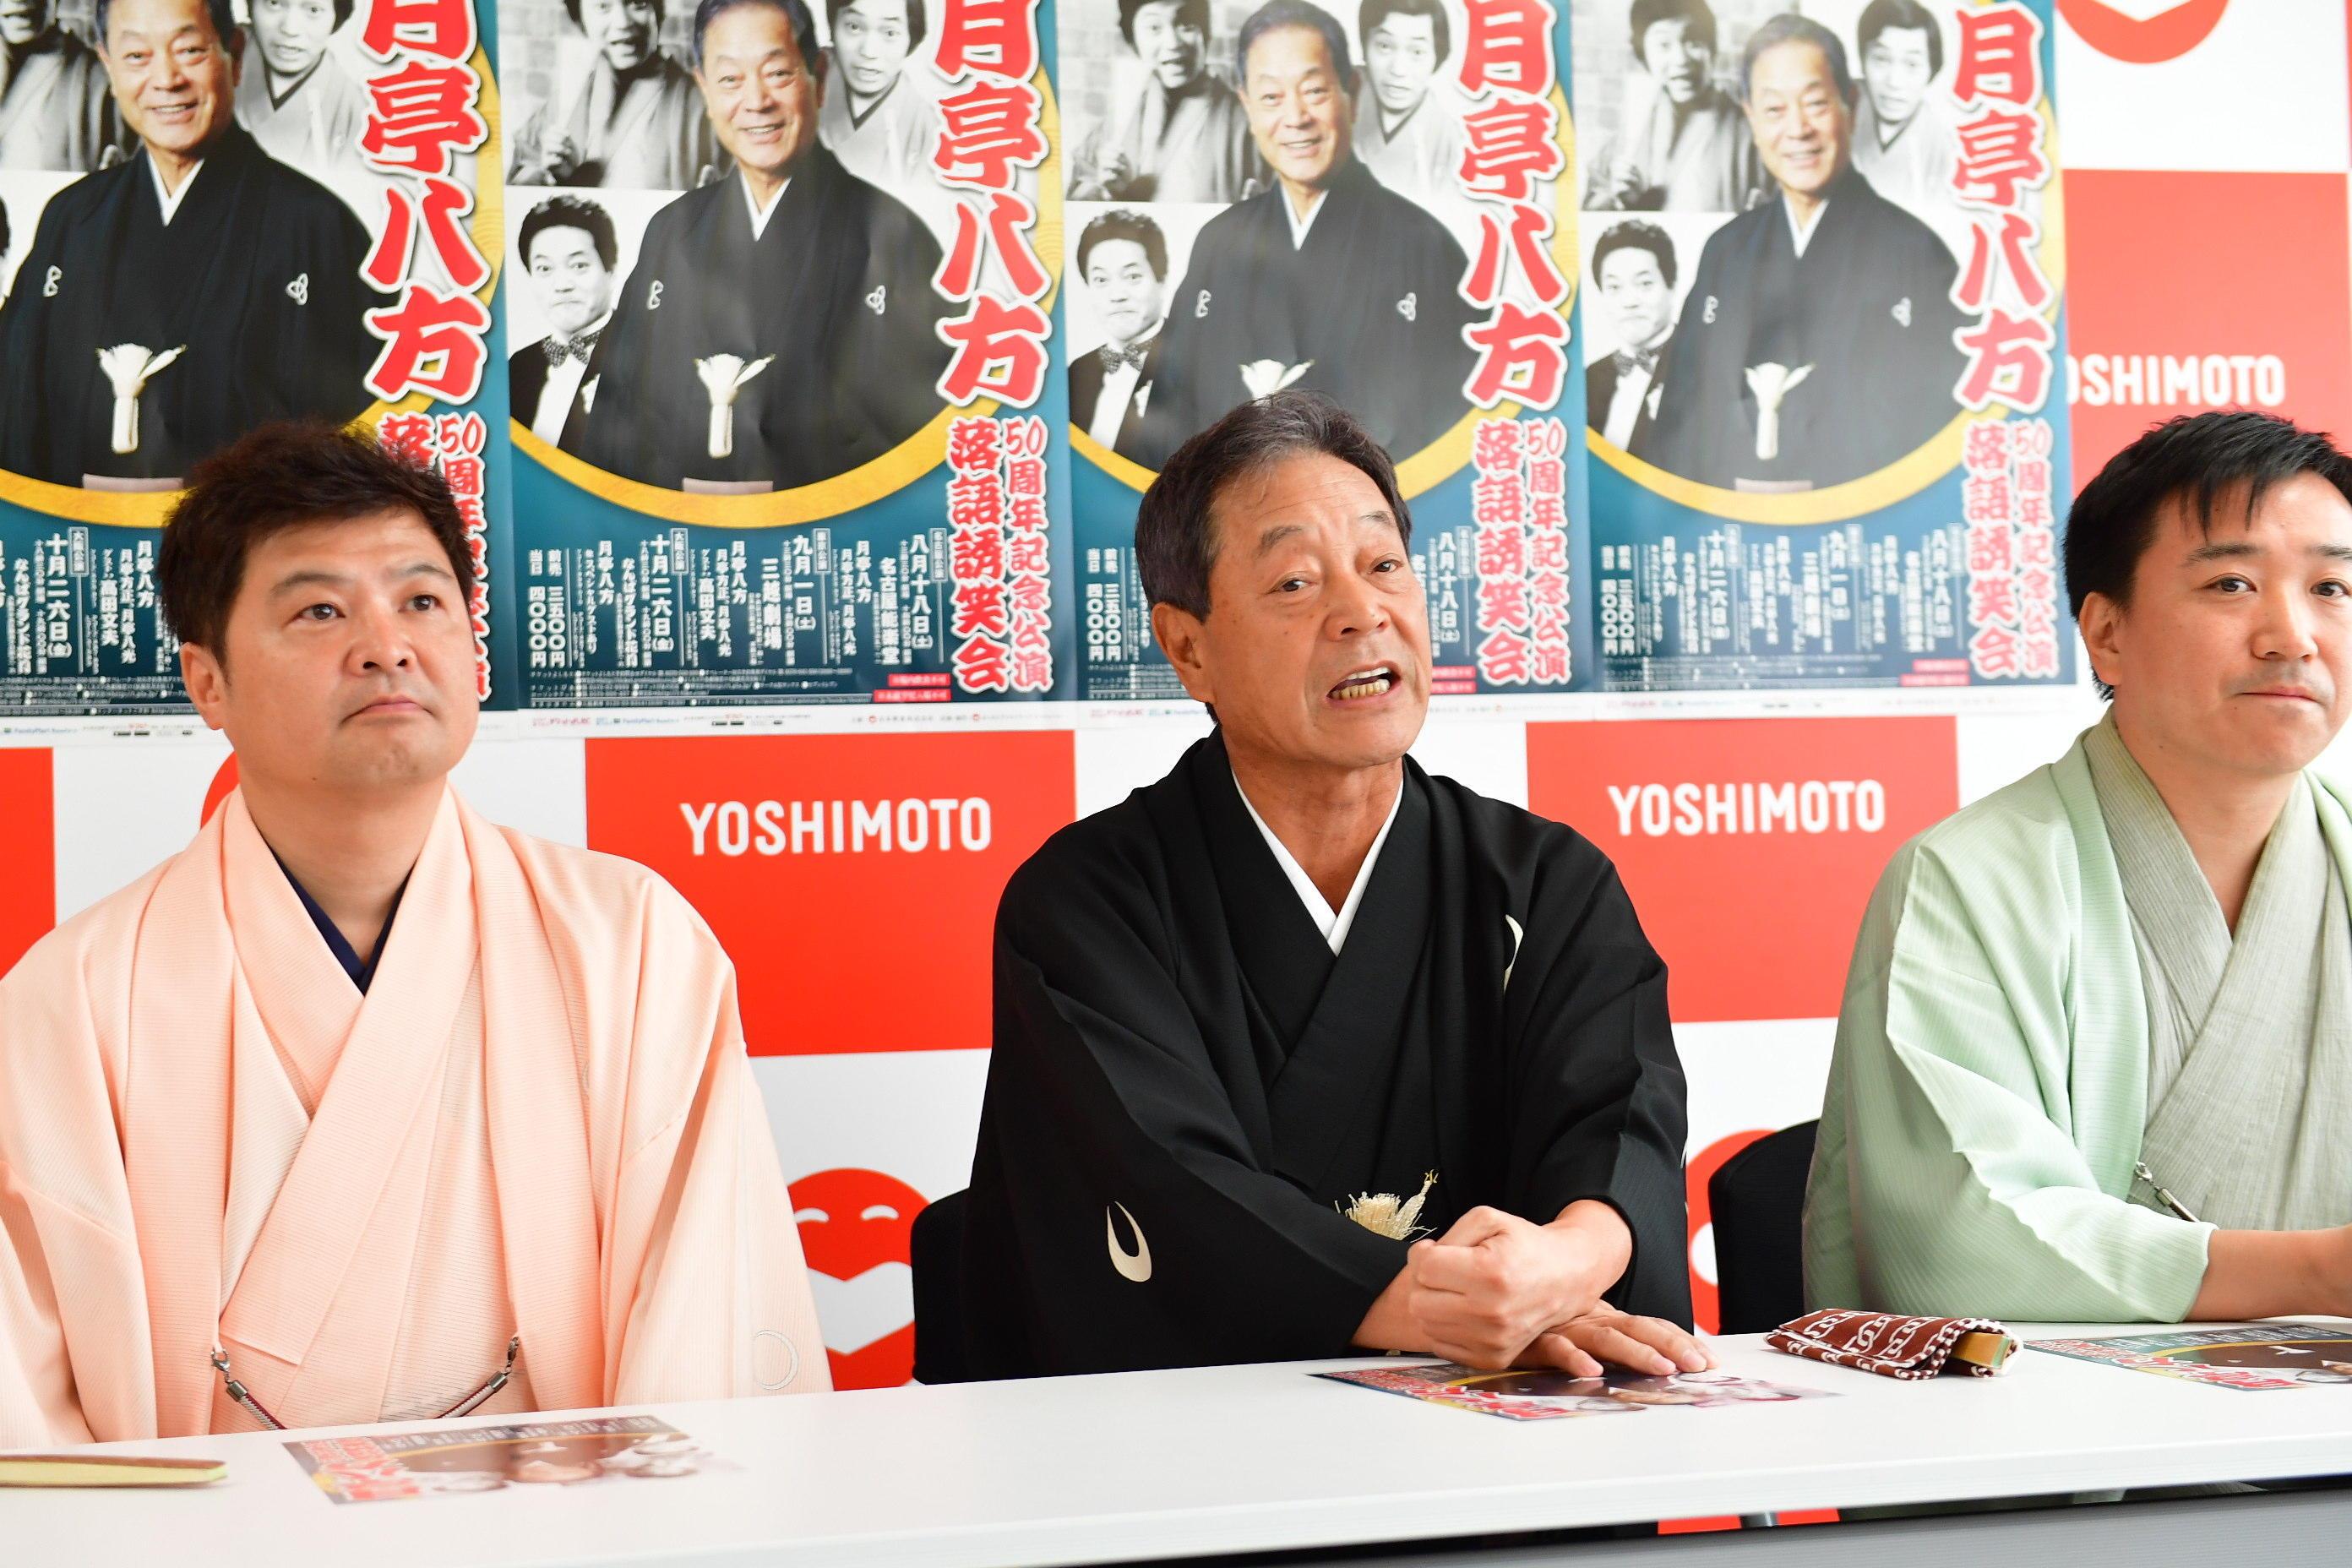 http://news.yoshimoto.co.jp/20180806204419-48157140f1ac3b9a5923403898479f88ce906271.jpg